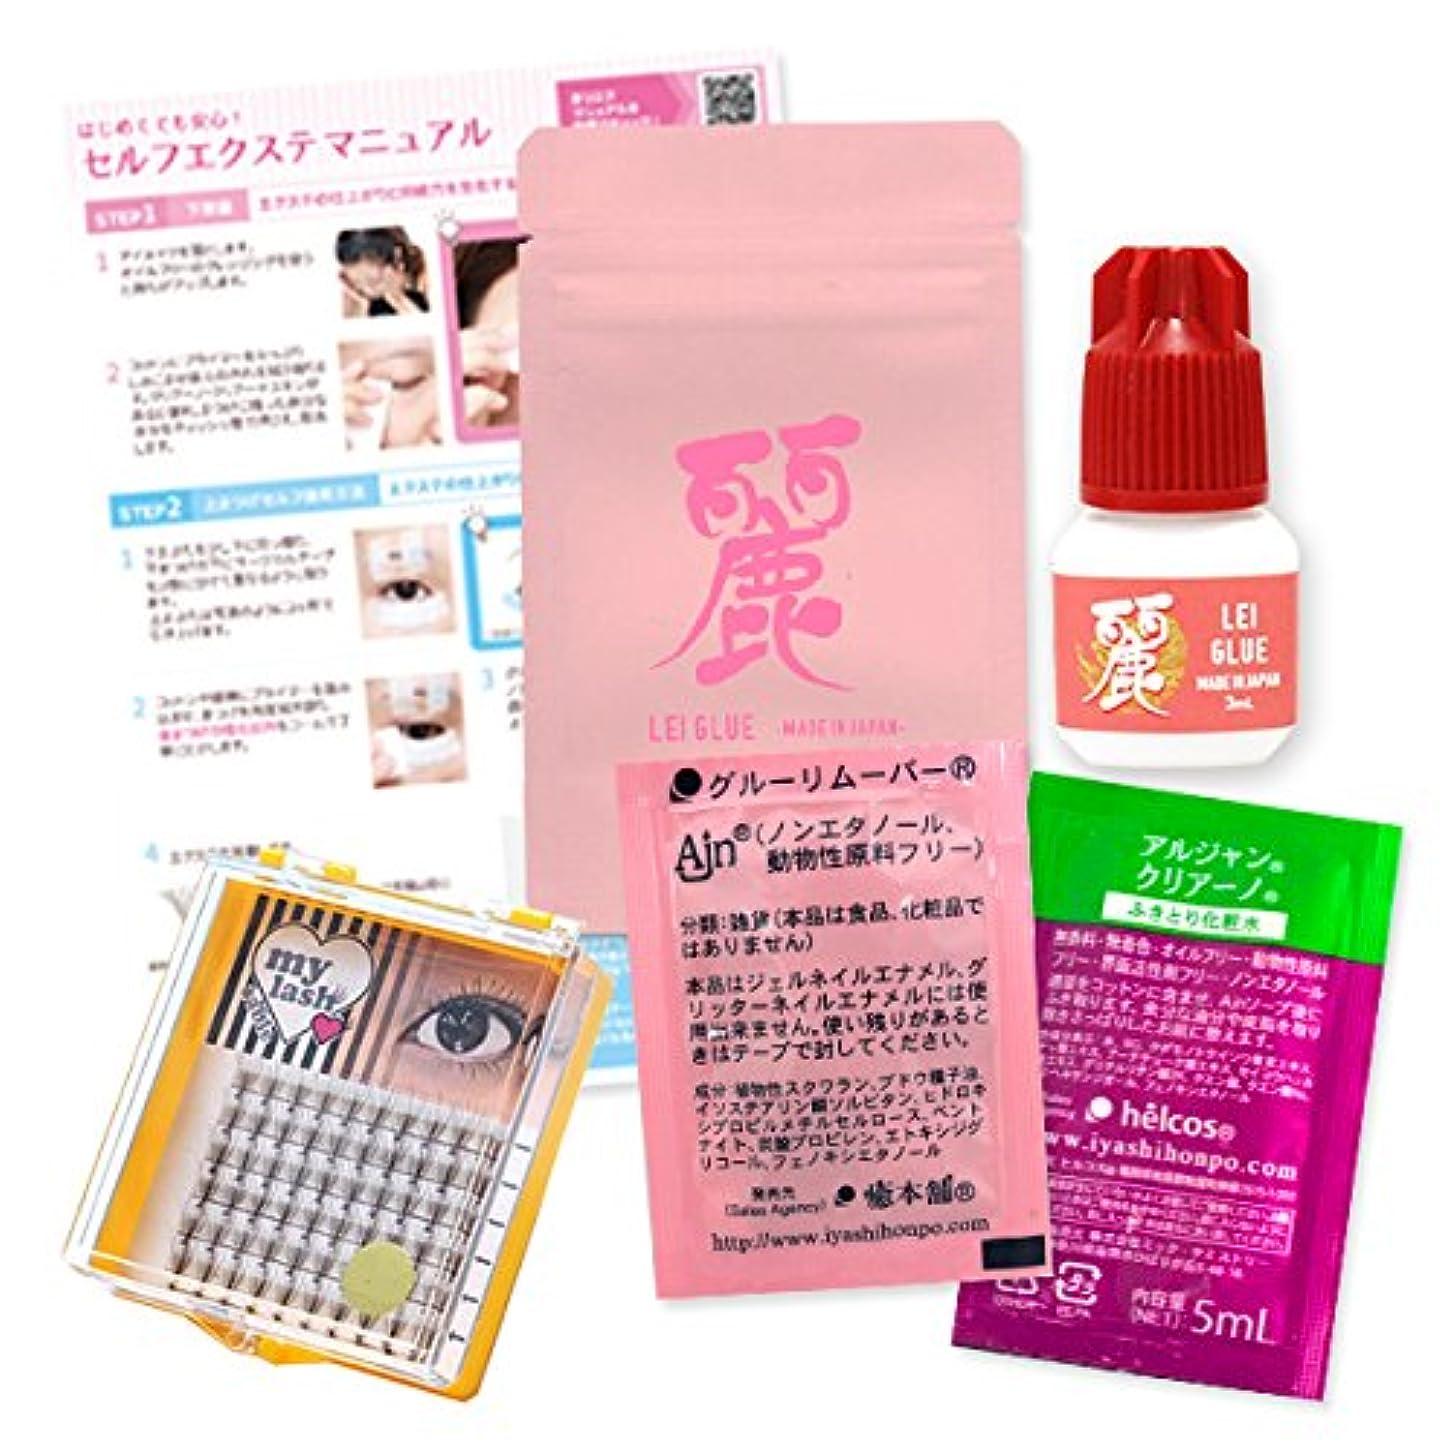 開始薄汚い識別するマツエク セルフ my Lash キット 7本束(MIX)と日本製 麗グルーセット まつげエクステ